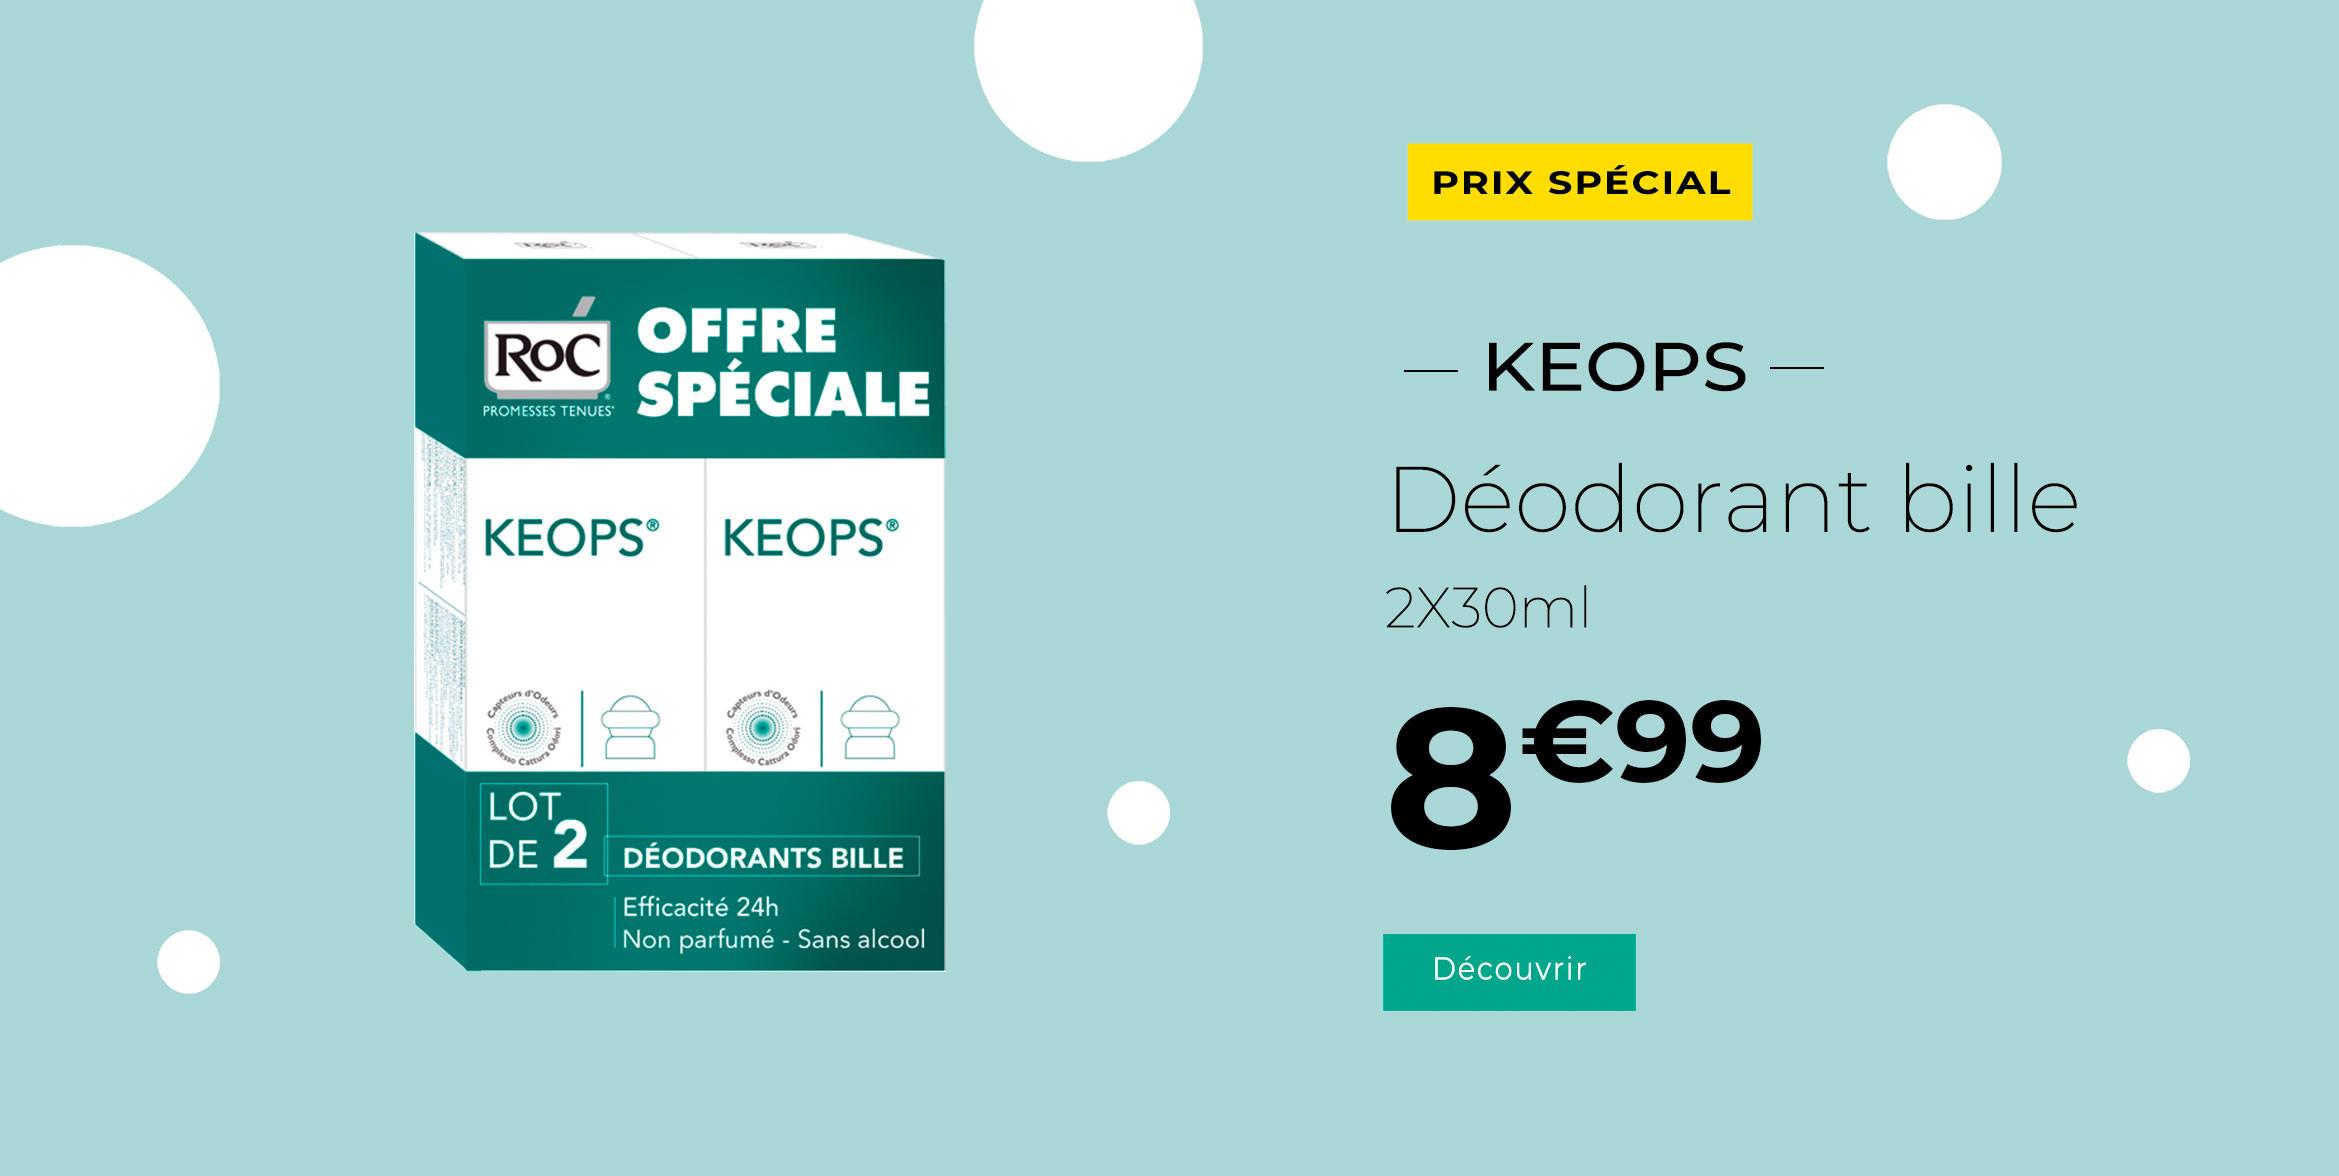 Offre spéciale Keops